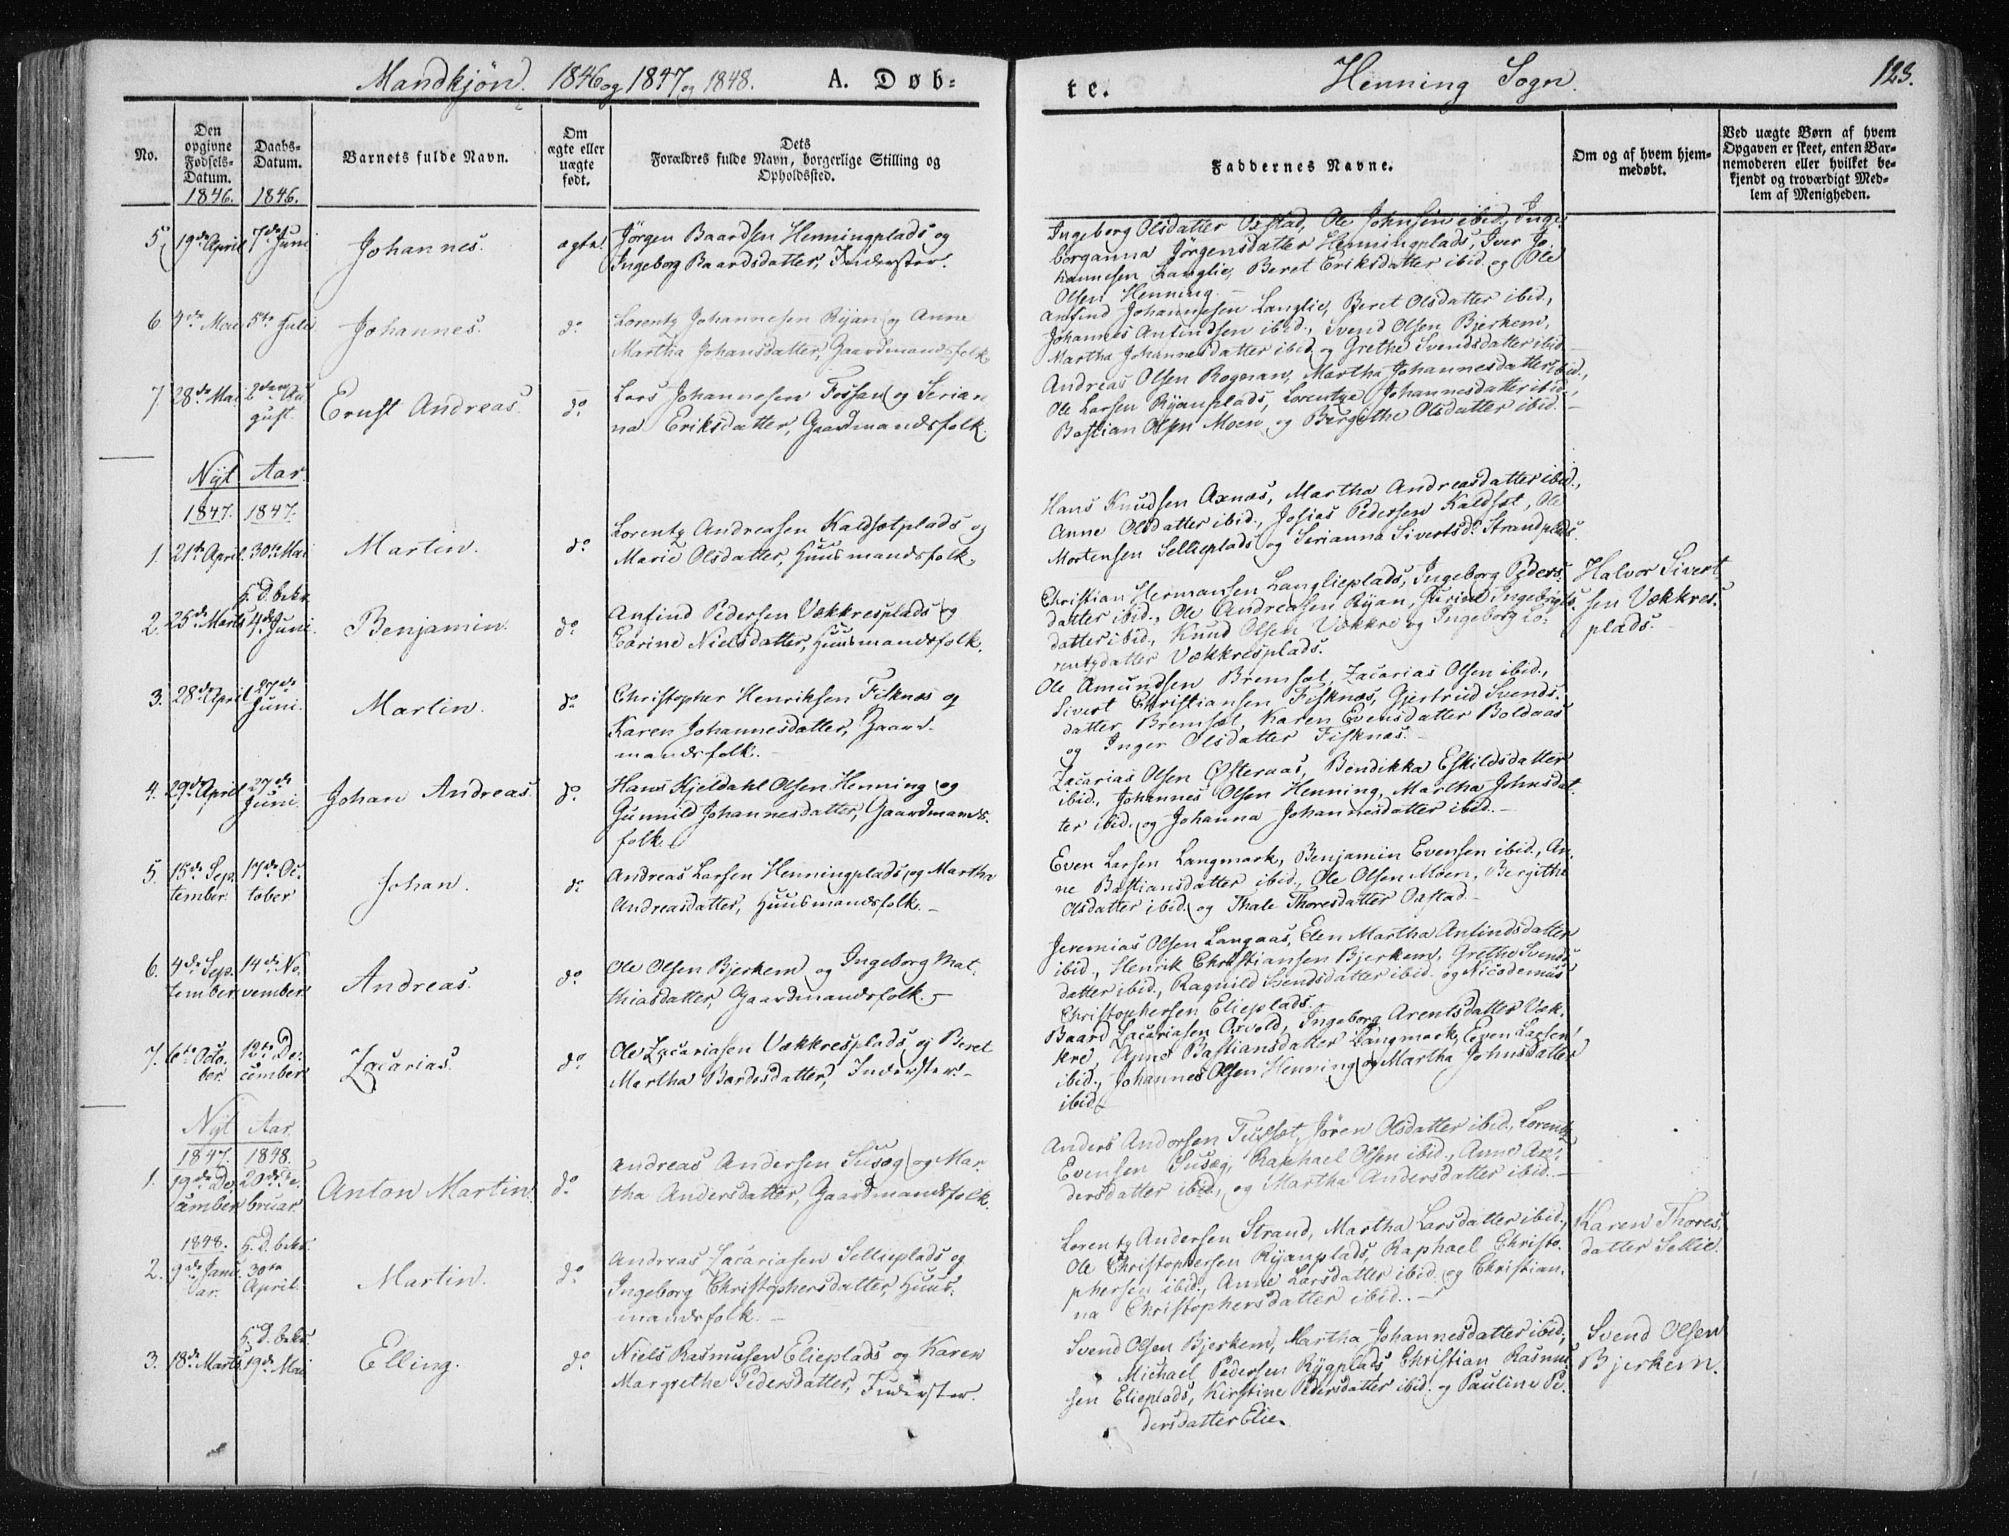 SAT, Ministerialprotokoller, klokkerbøker og fødselsregistre - Nord-Trøndelag, 735/L0339: Ministerialbok nr. 735A06 /3, 1836-1848, s. 123